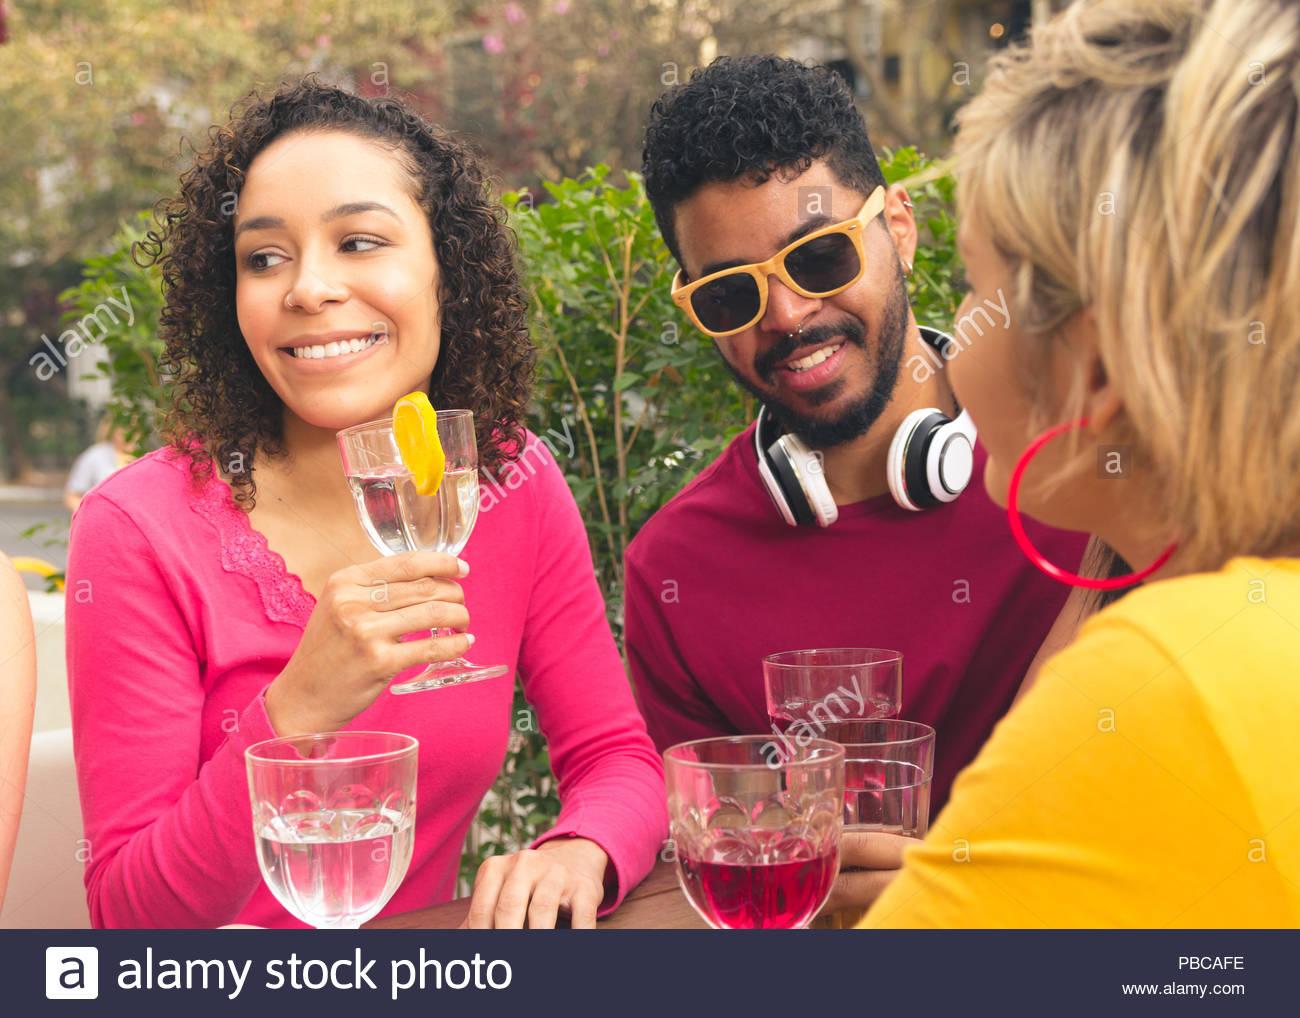 Grupo multirracial de estudiantes teniendo un gran momento en la cafetería al aire libre. Feliz amigos socializar en un partido en el restaurante exterior. Verano caliente, frien Imagen De Stock